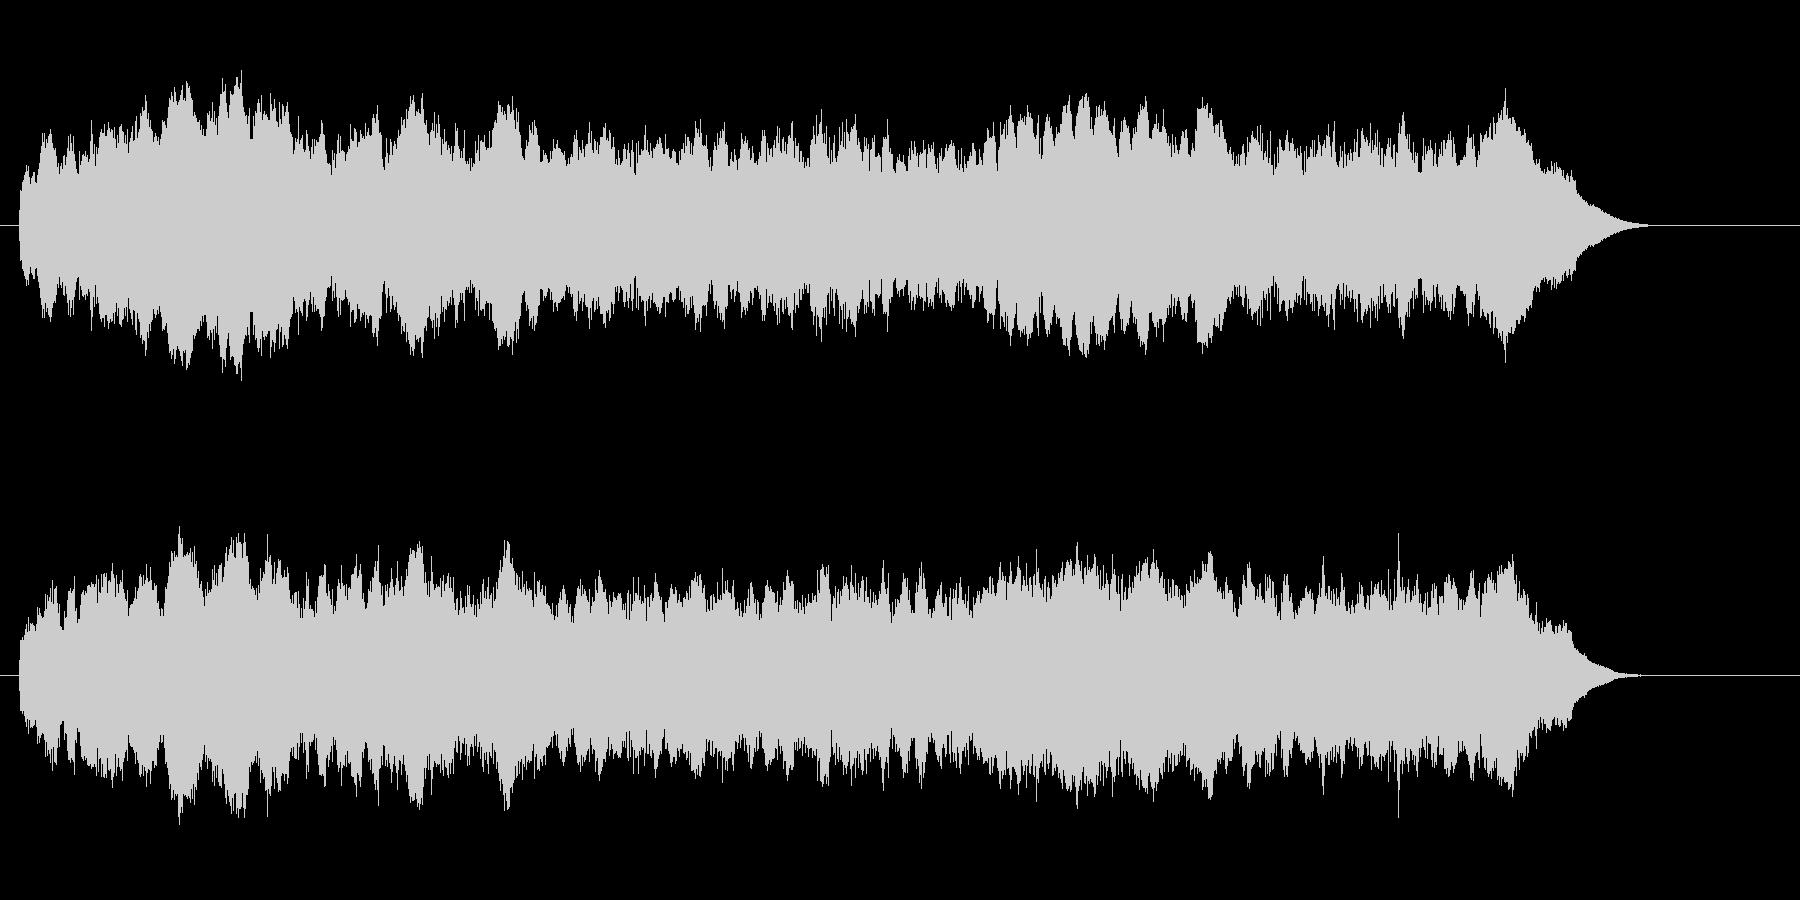 ジリリリリリ(目覚ましの音)の未再生の波形